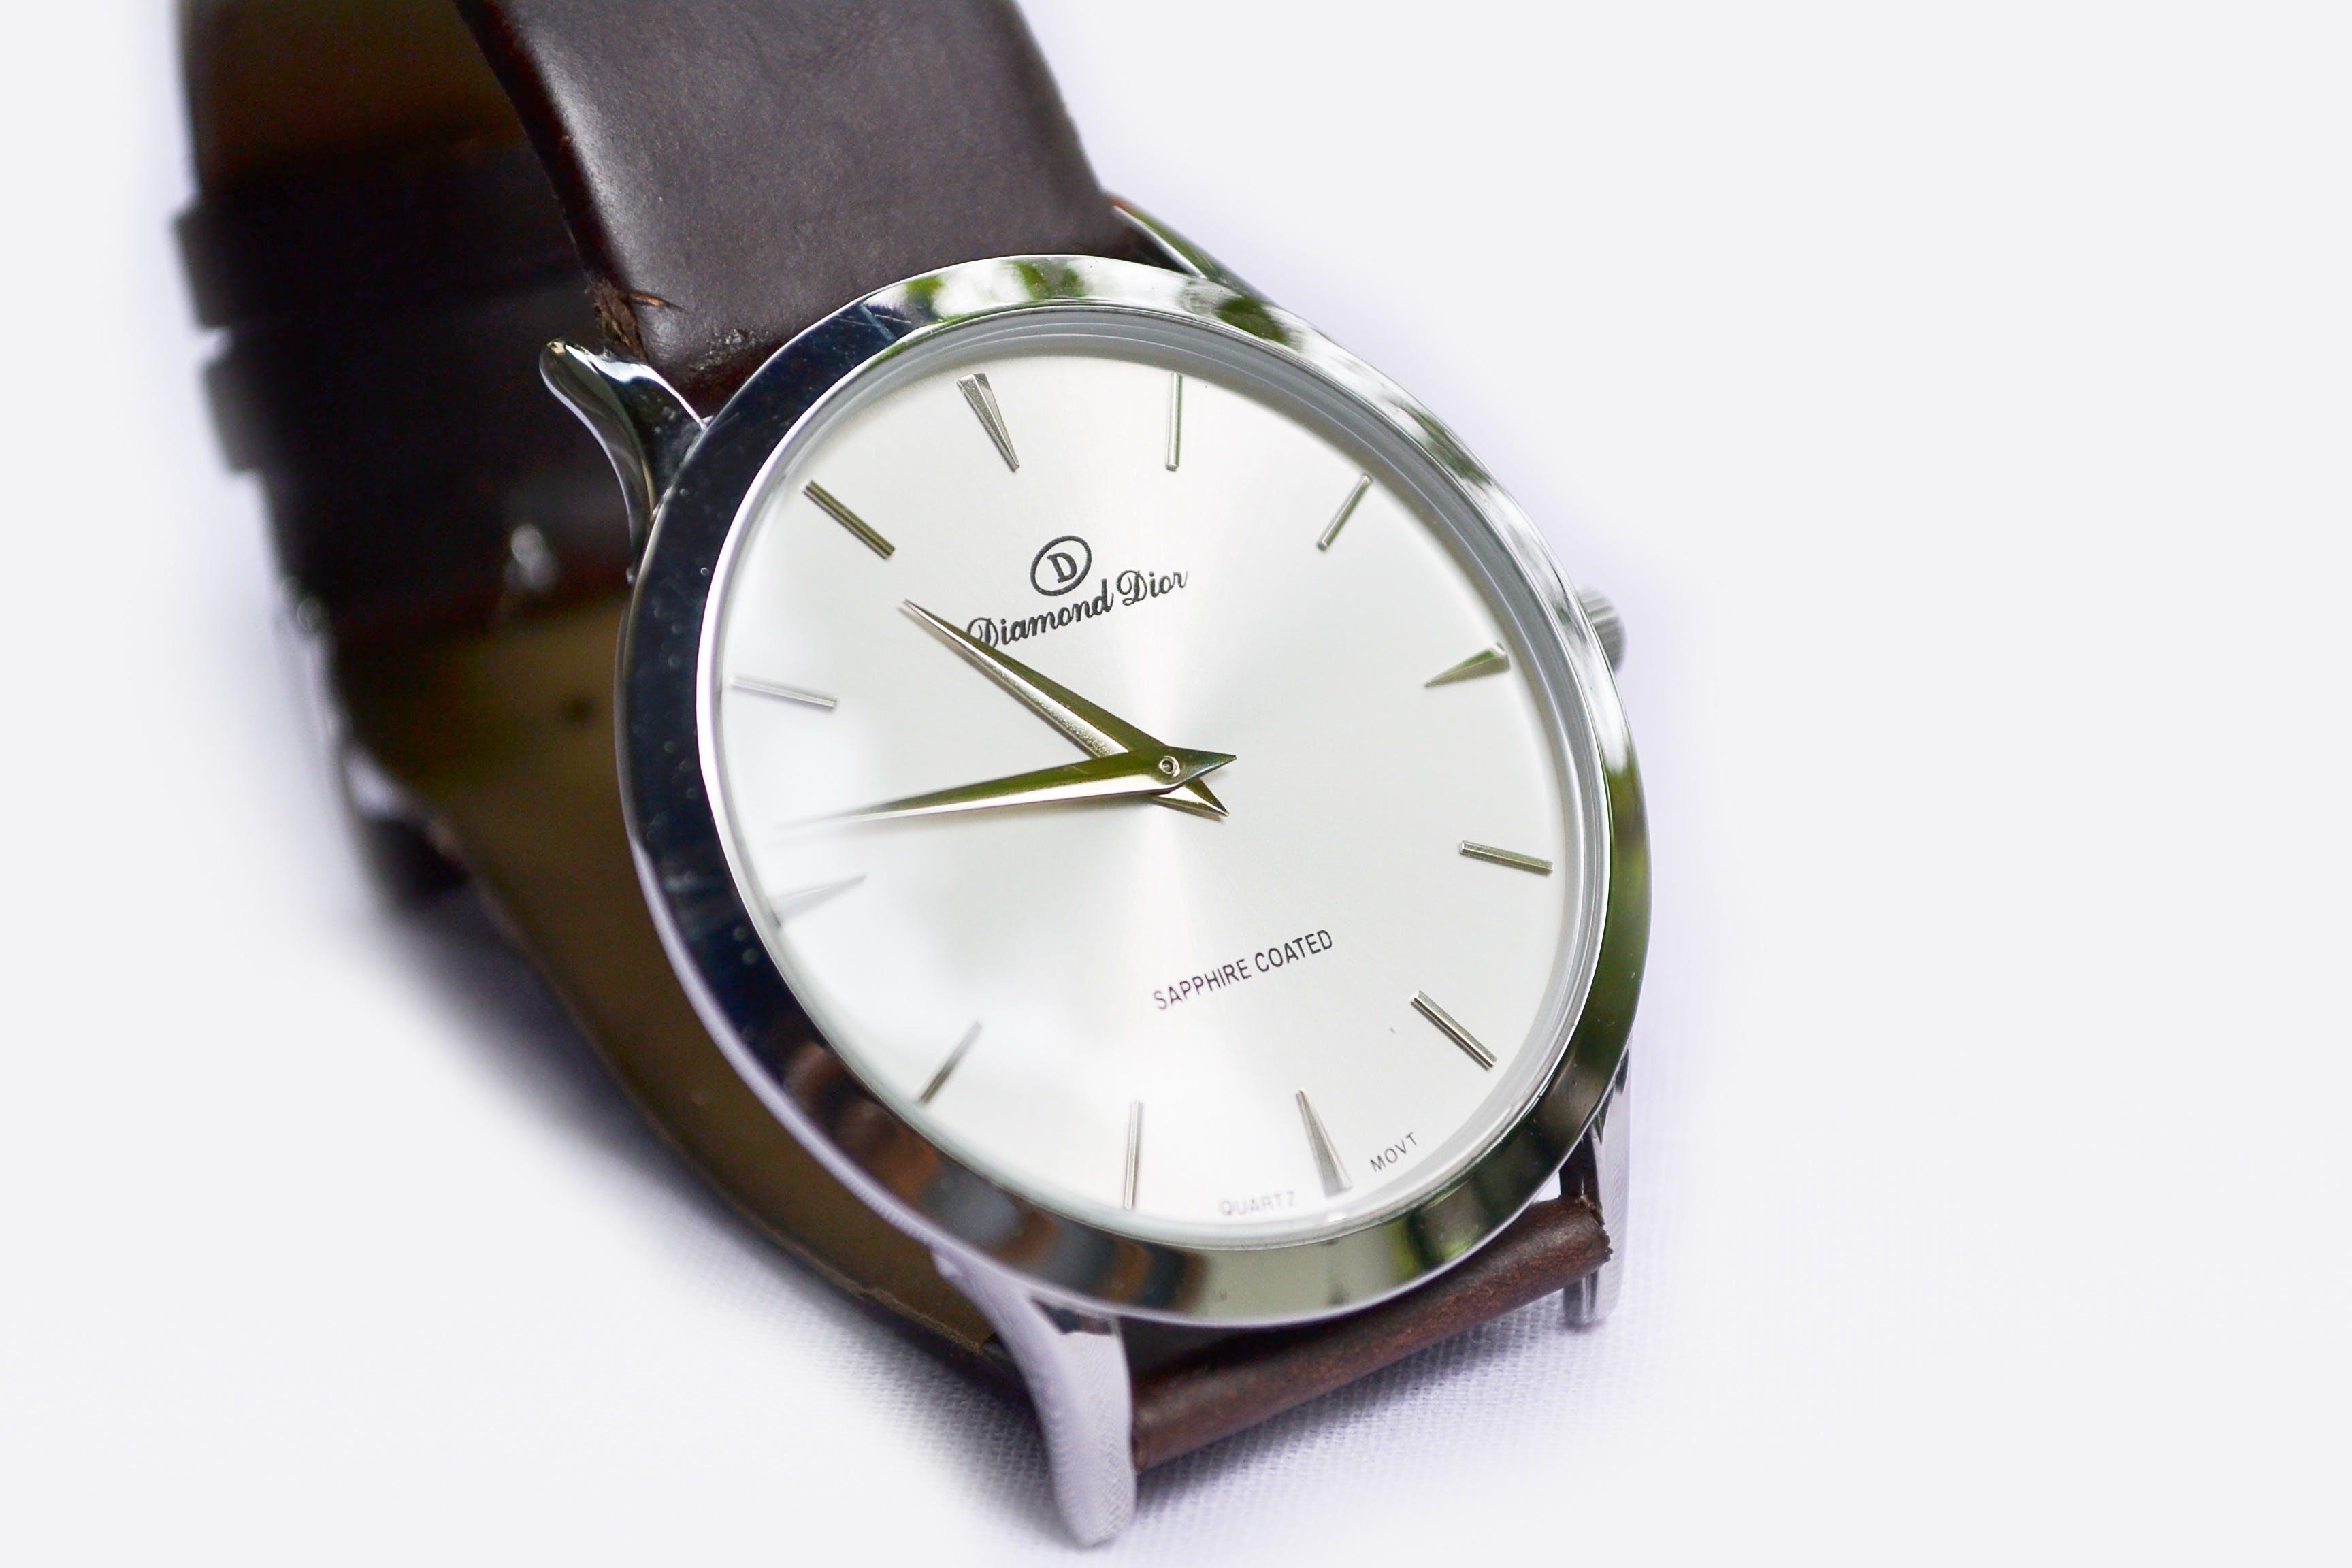 White Round Analog Watch